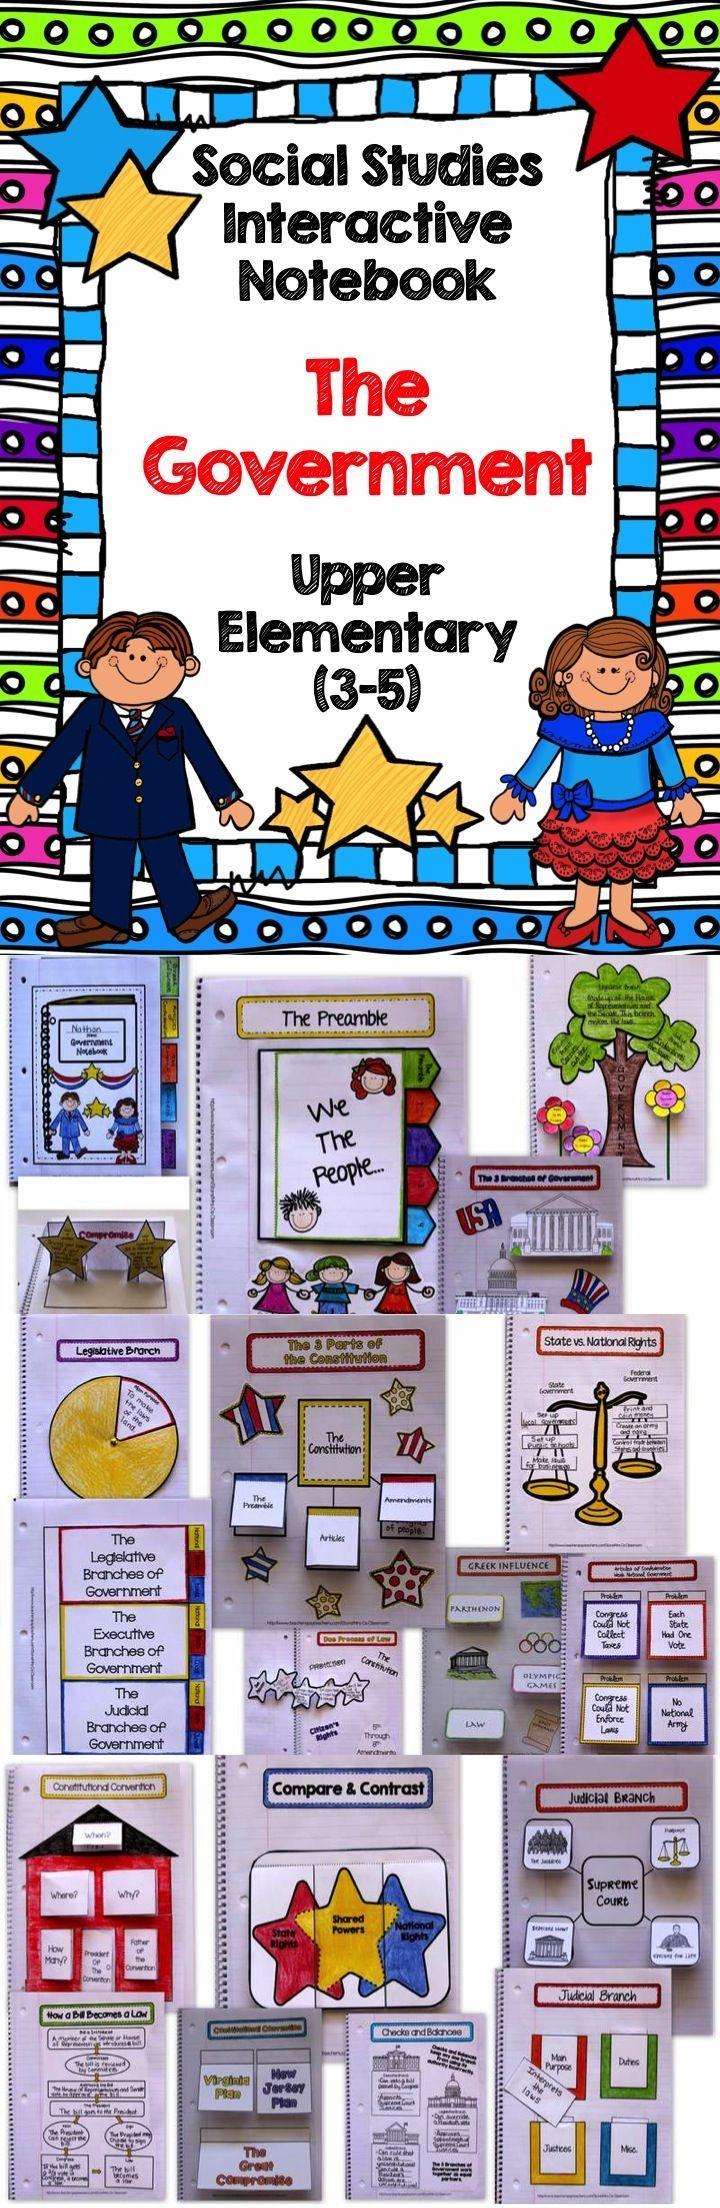 Blog sobre educación, recursos y materiales educativos de todas las asignaturas, Matemáticas, Español, Inglés, Sociales para preescolar y primaria